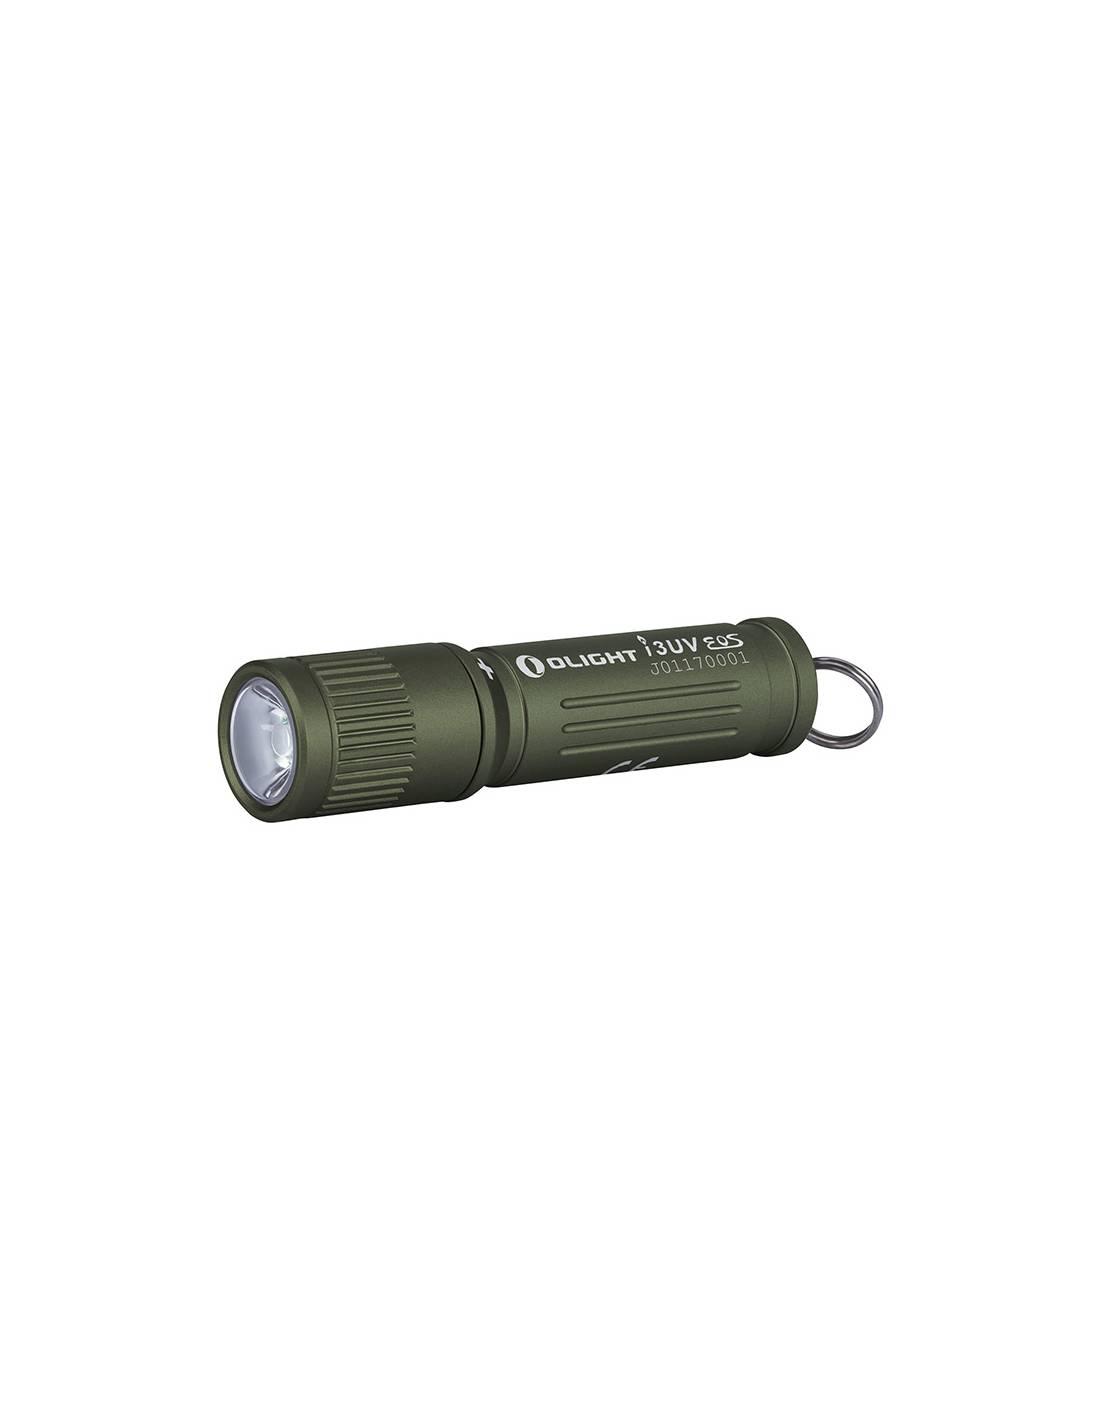 L/ámpara Peque/ña,Detector de Orina para Manchas Secas de sus Perros OLIGHT I3UV Linterna UV 395nm Llavero de Luz Negra Muebles Gatos y Roedores en Alfombras LED Ultravioleta Impermeable